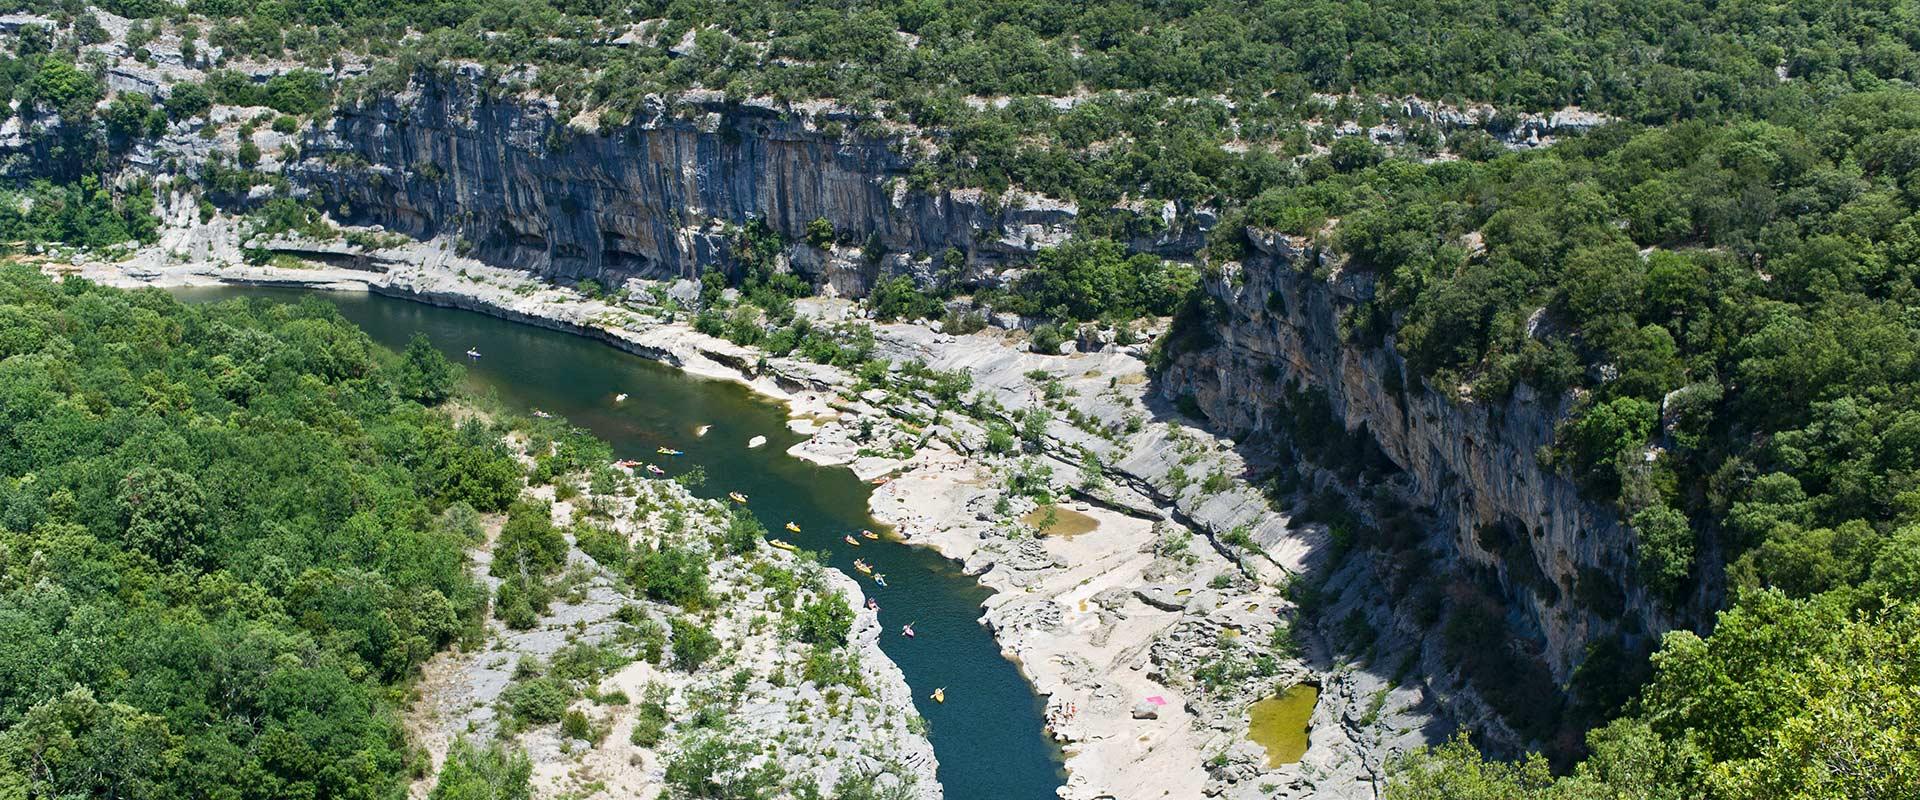 Camping St-Martin-d'Ardèche mein-PLATZ